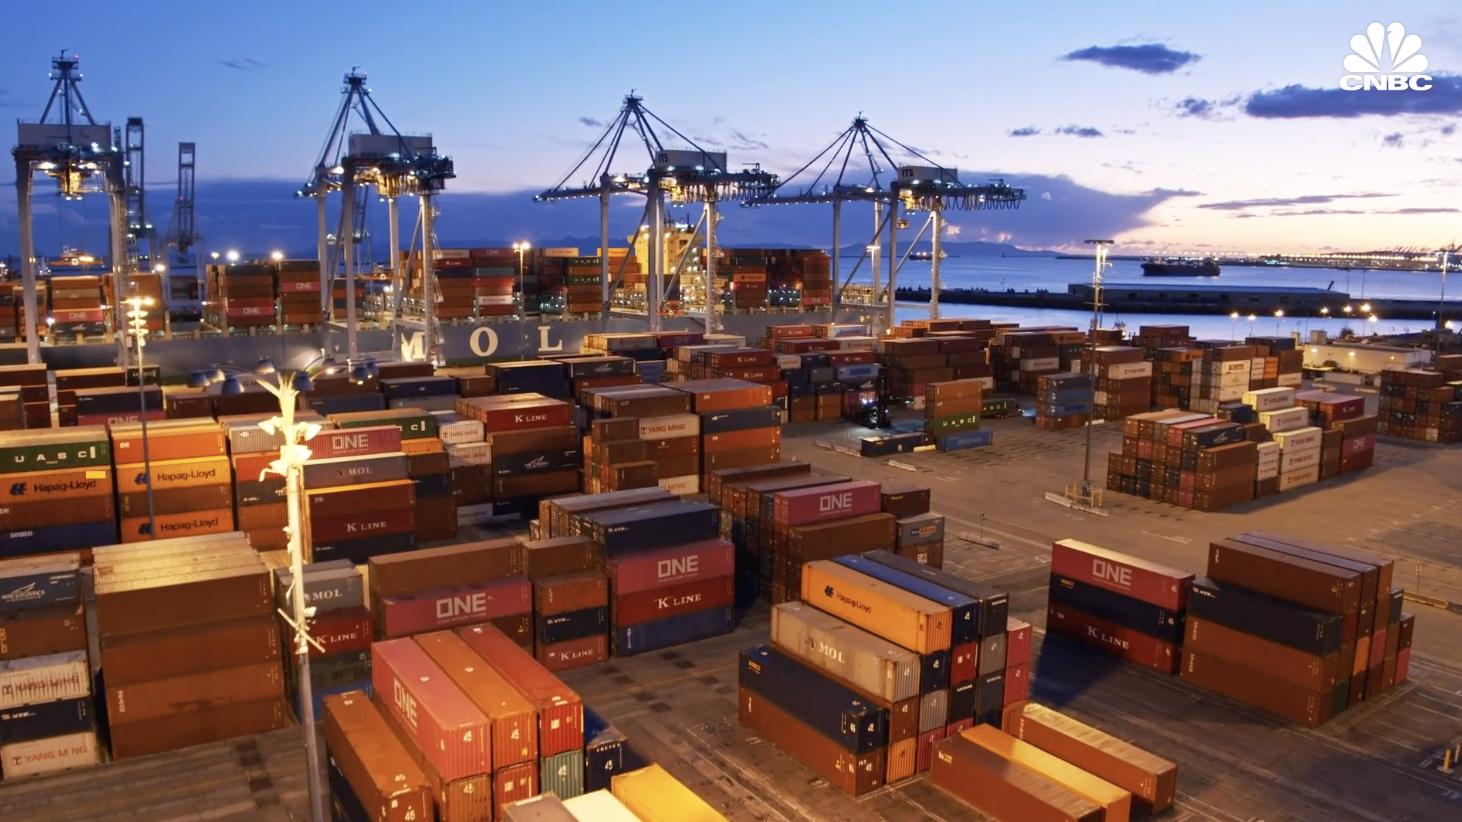 Trung Quốc muốn có một thỏa thuận cân bằng thương mại nhưng Mỹ không quan tâm